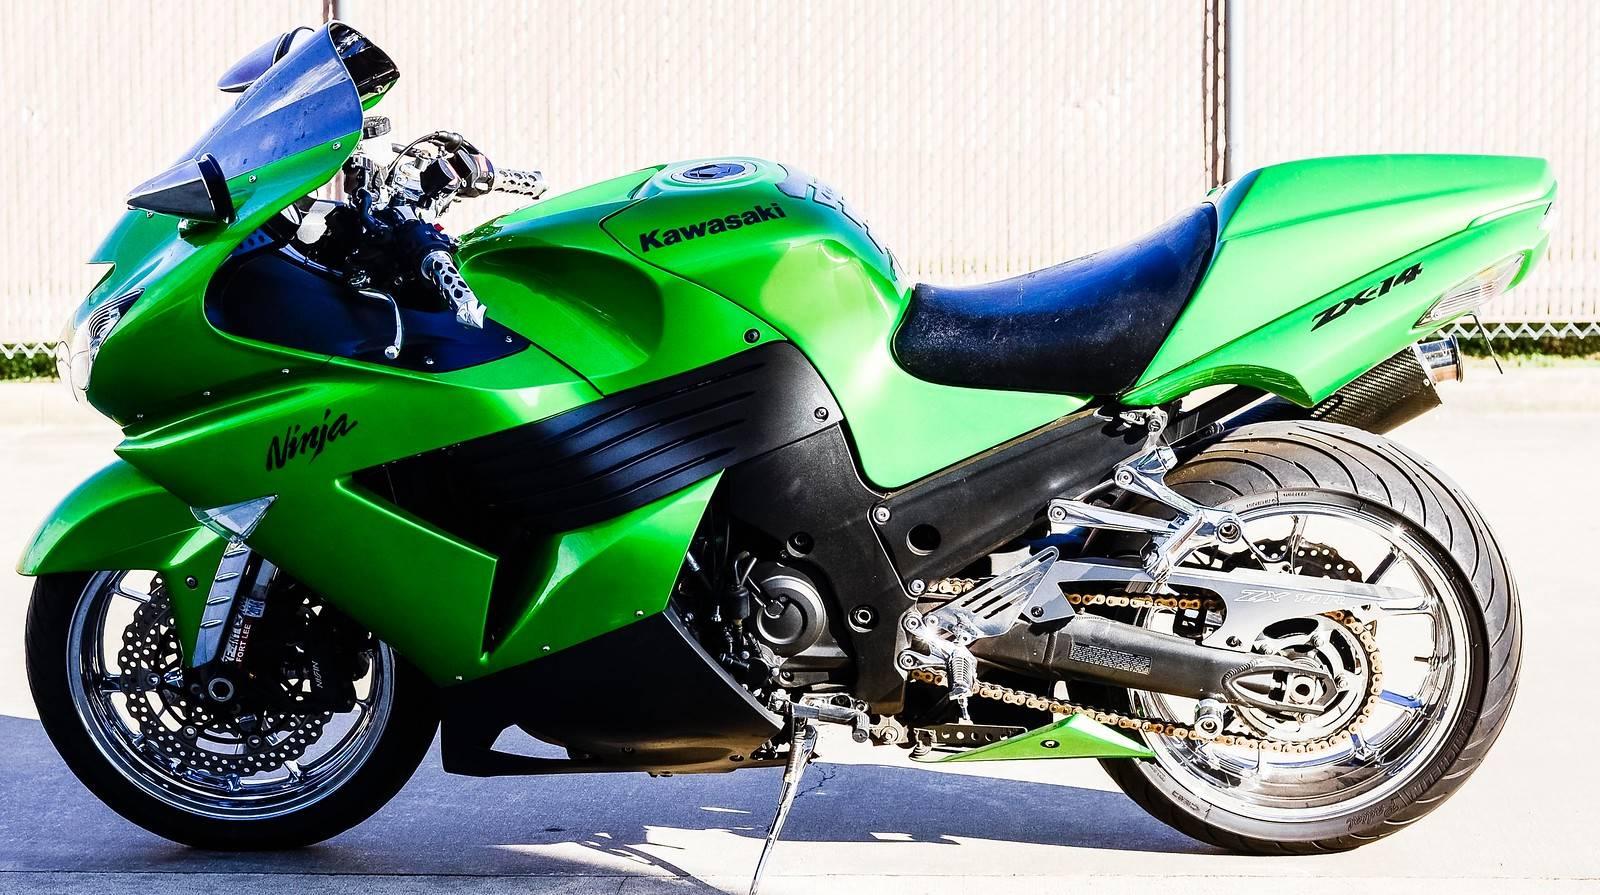 2009 Kawasaki Ninja ZX-14 7